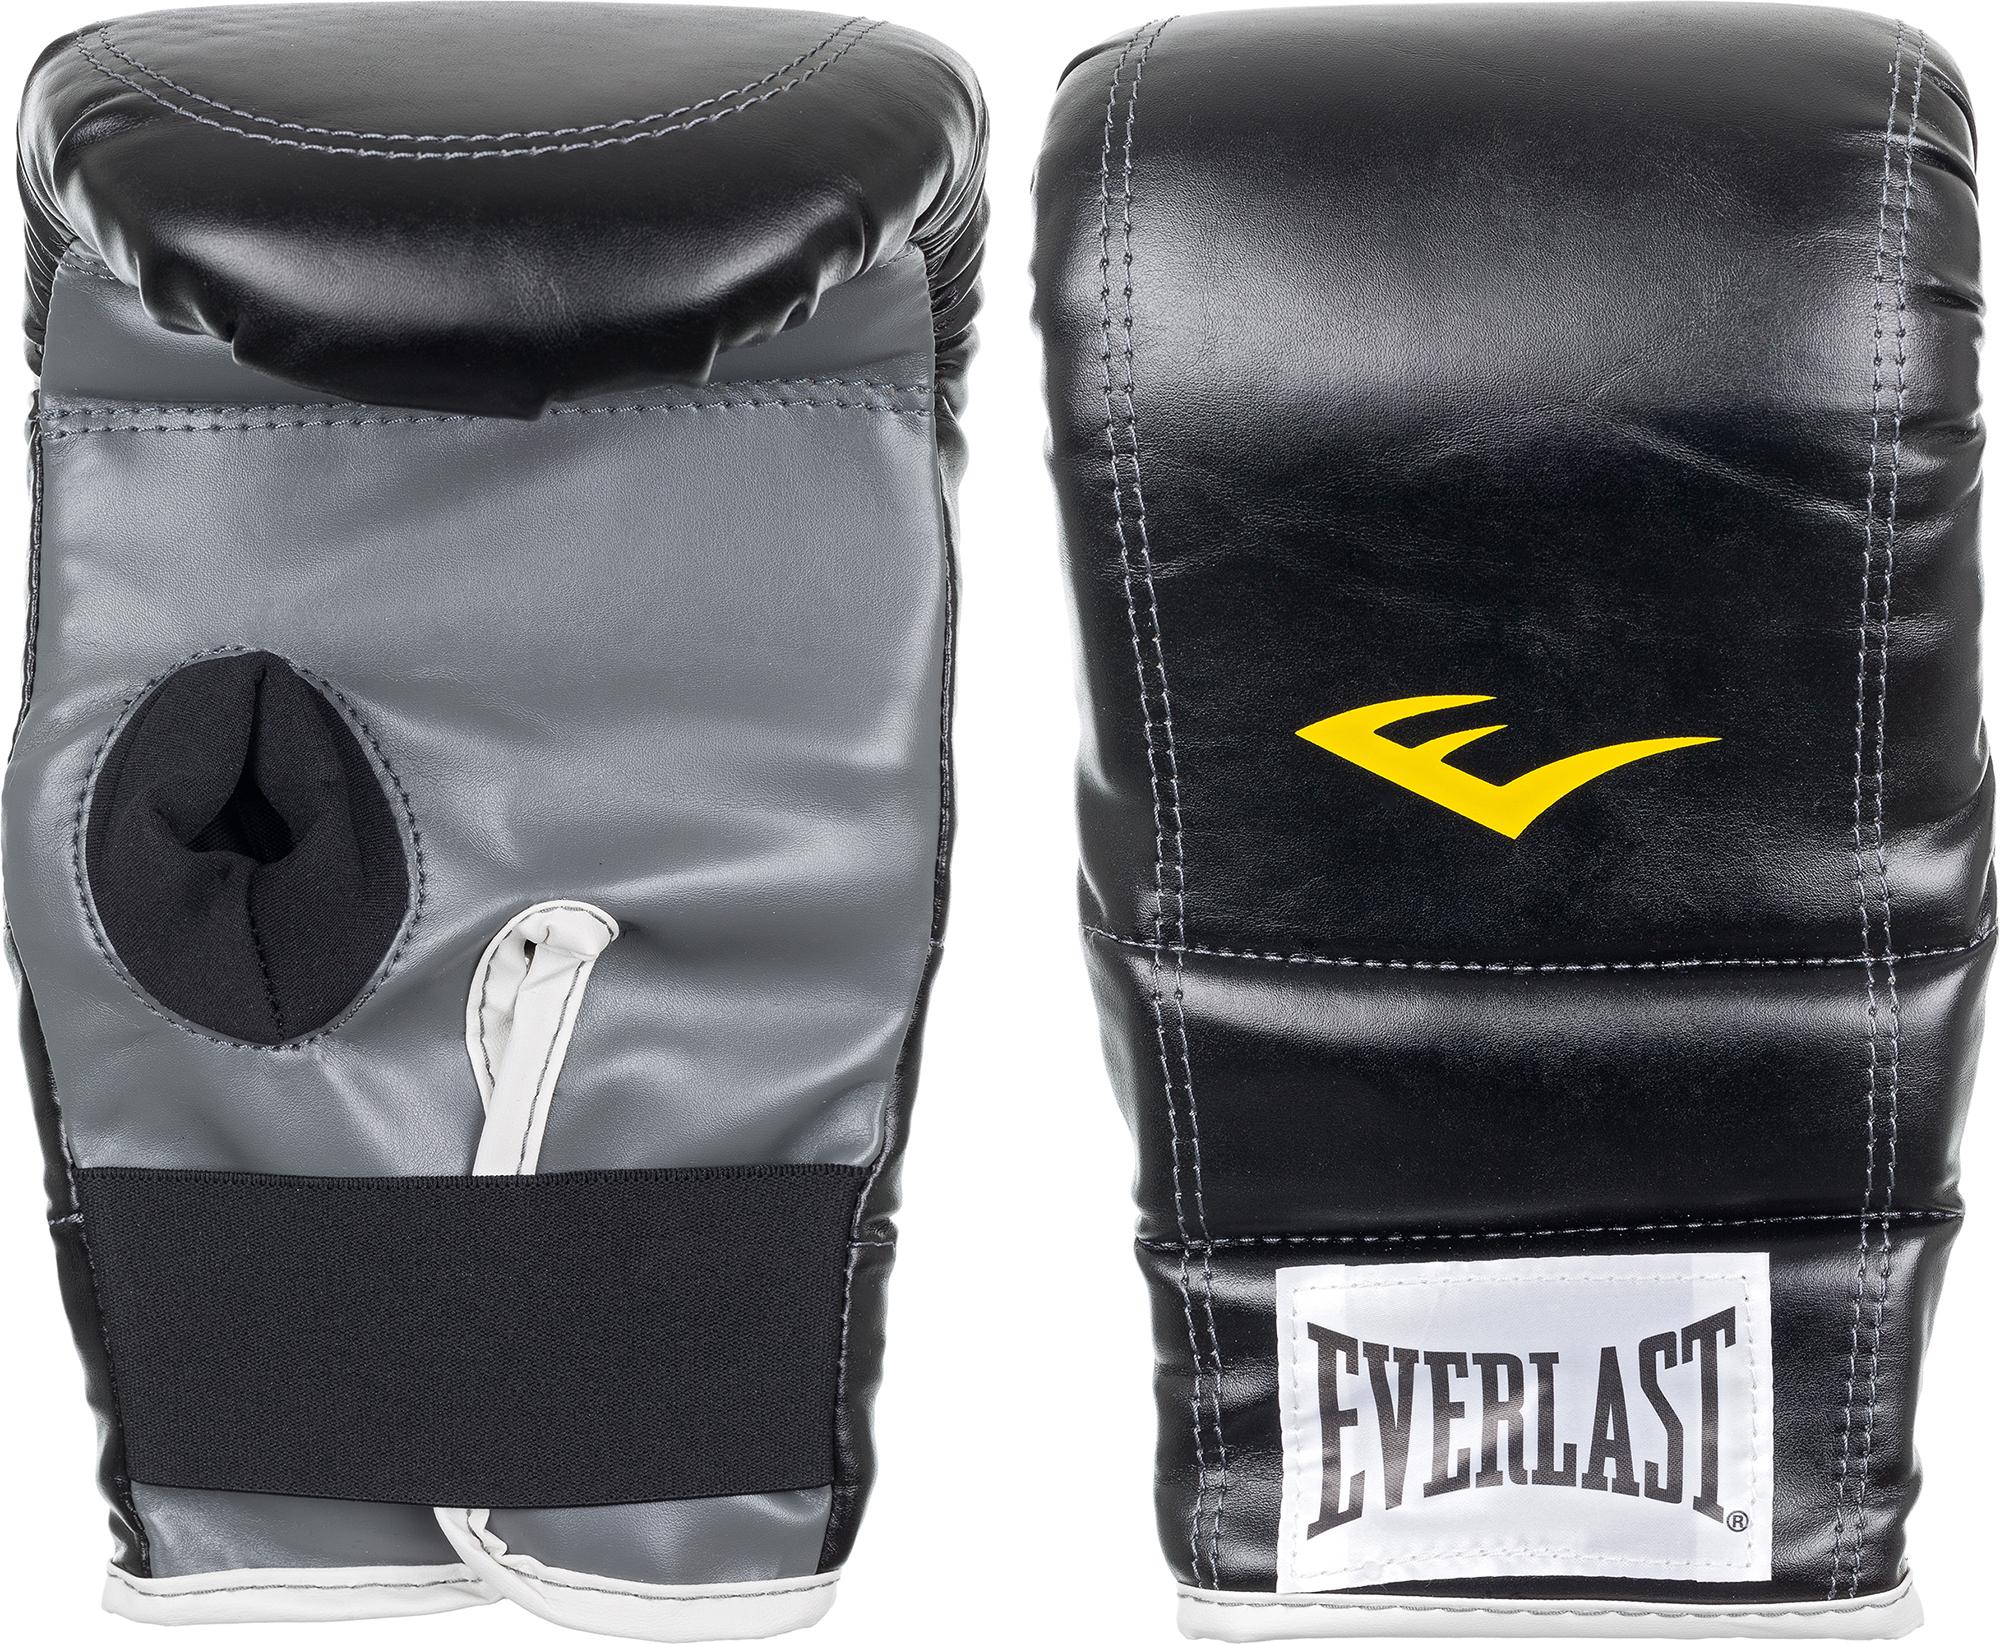 купить Everlast Перчатки снарядные Everlast PU недорого